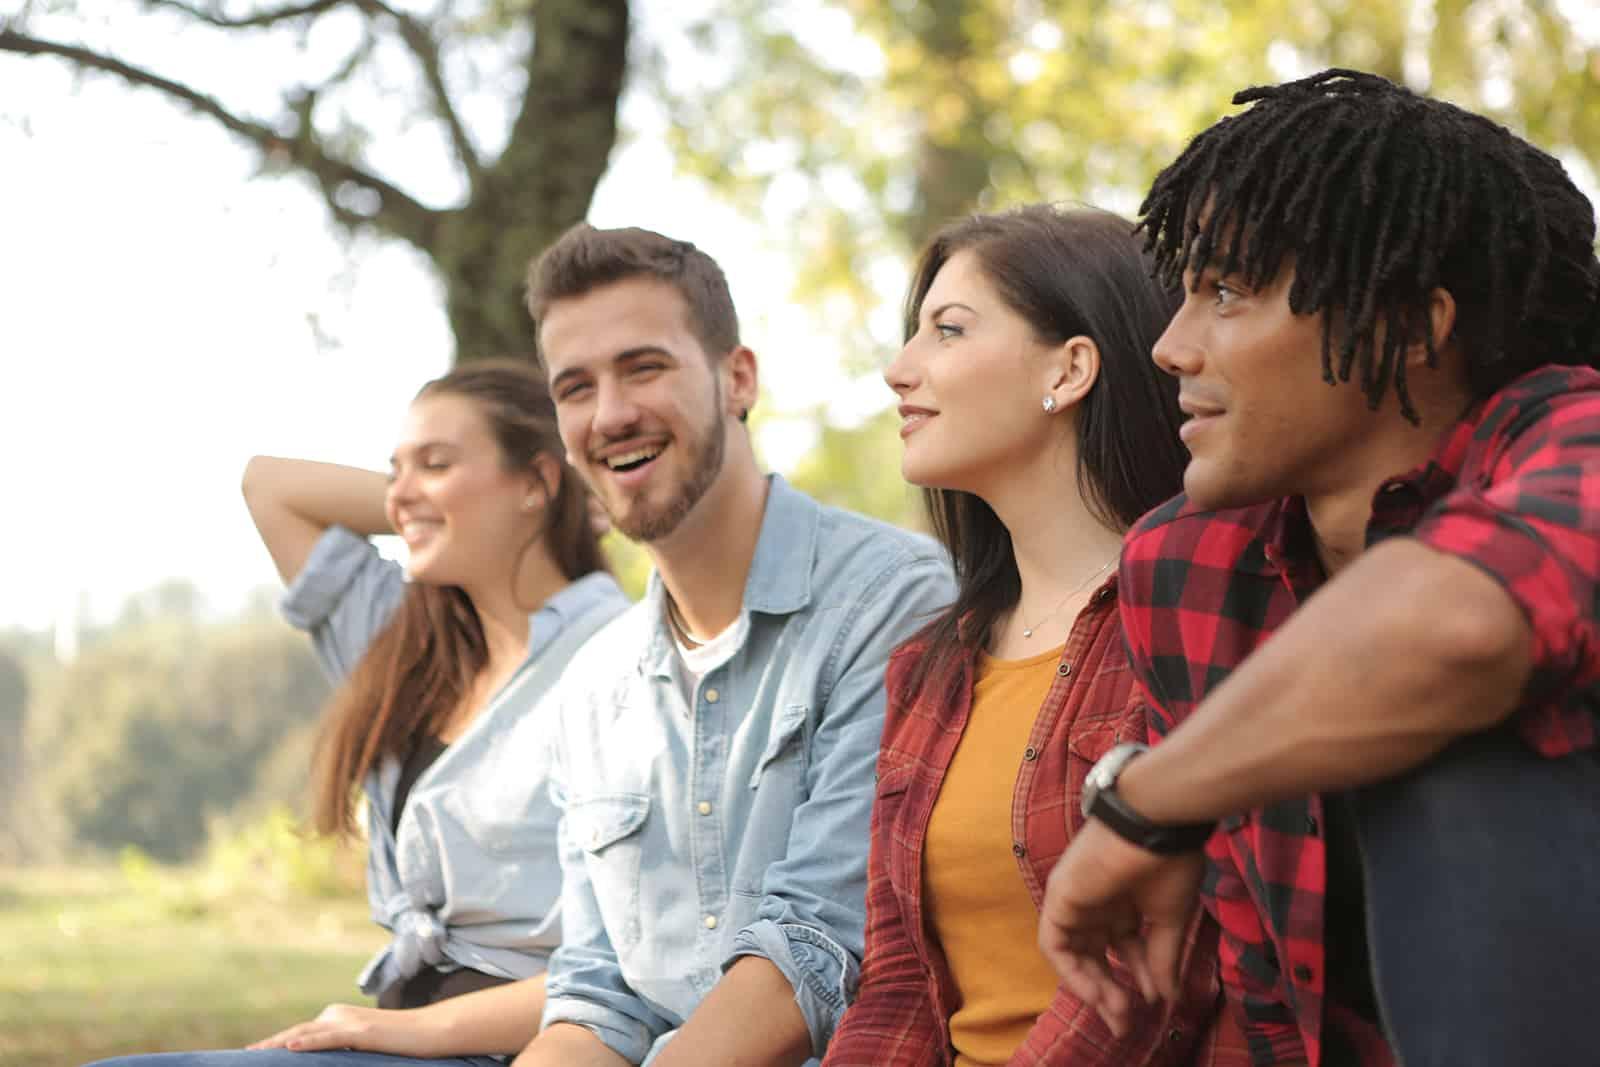 eine Gruppe von Freunden lachend im Park sitzen